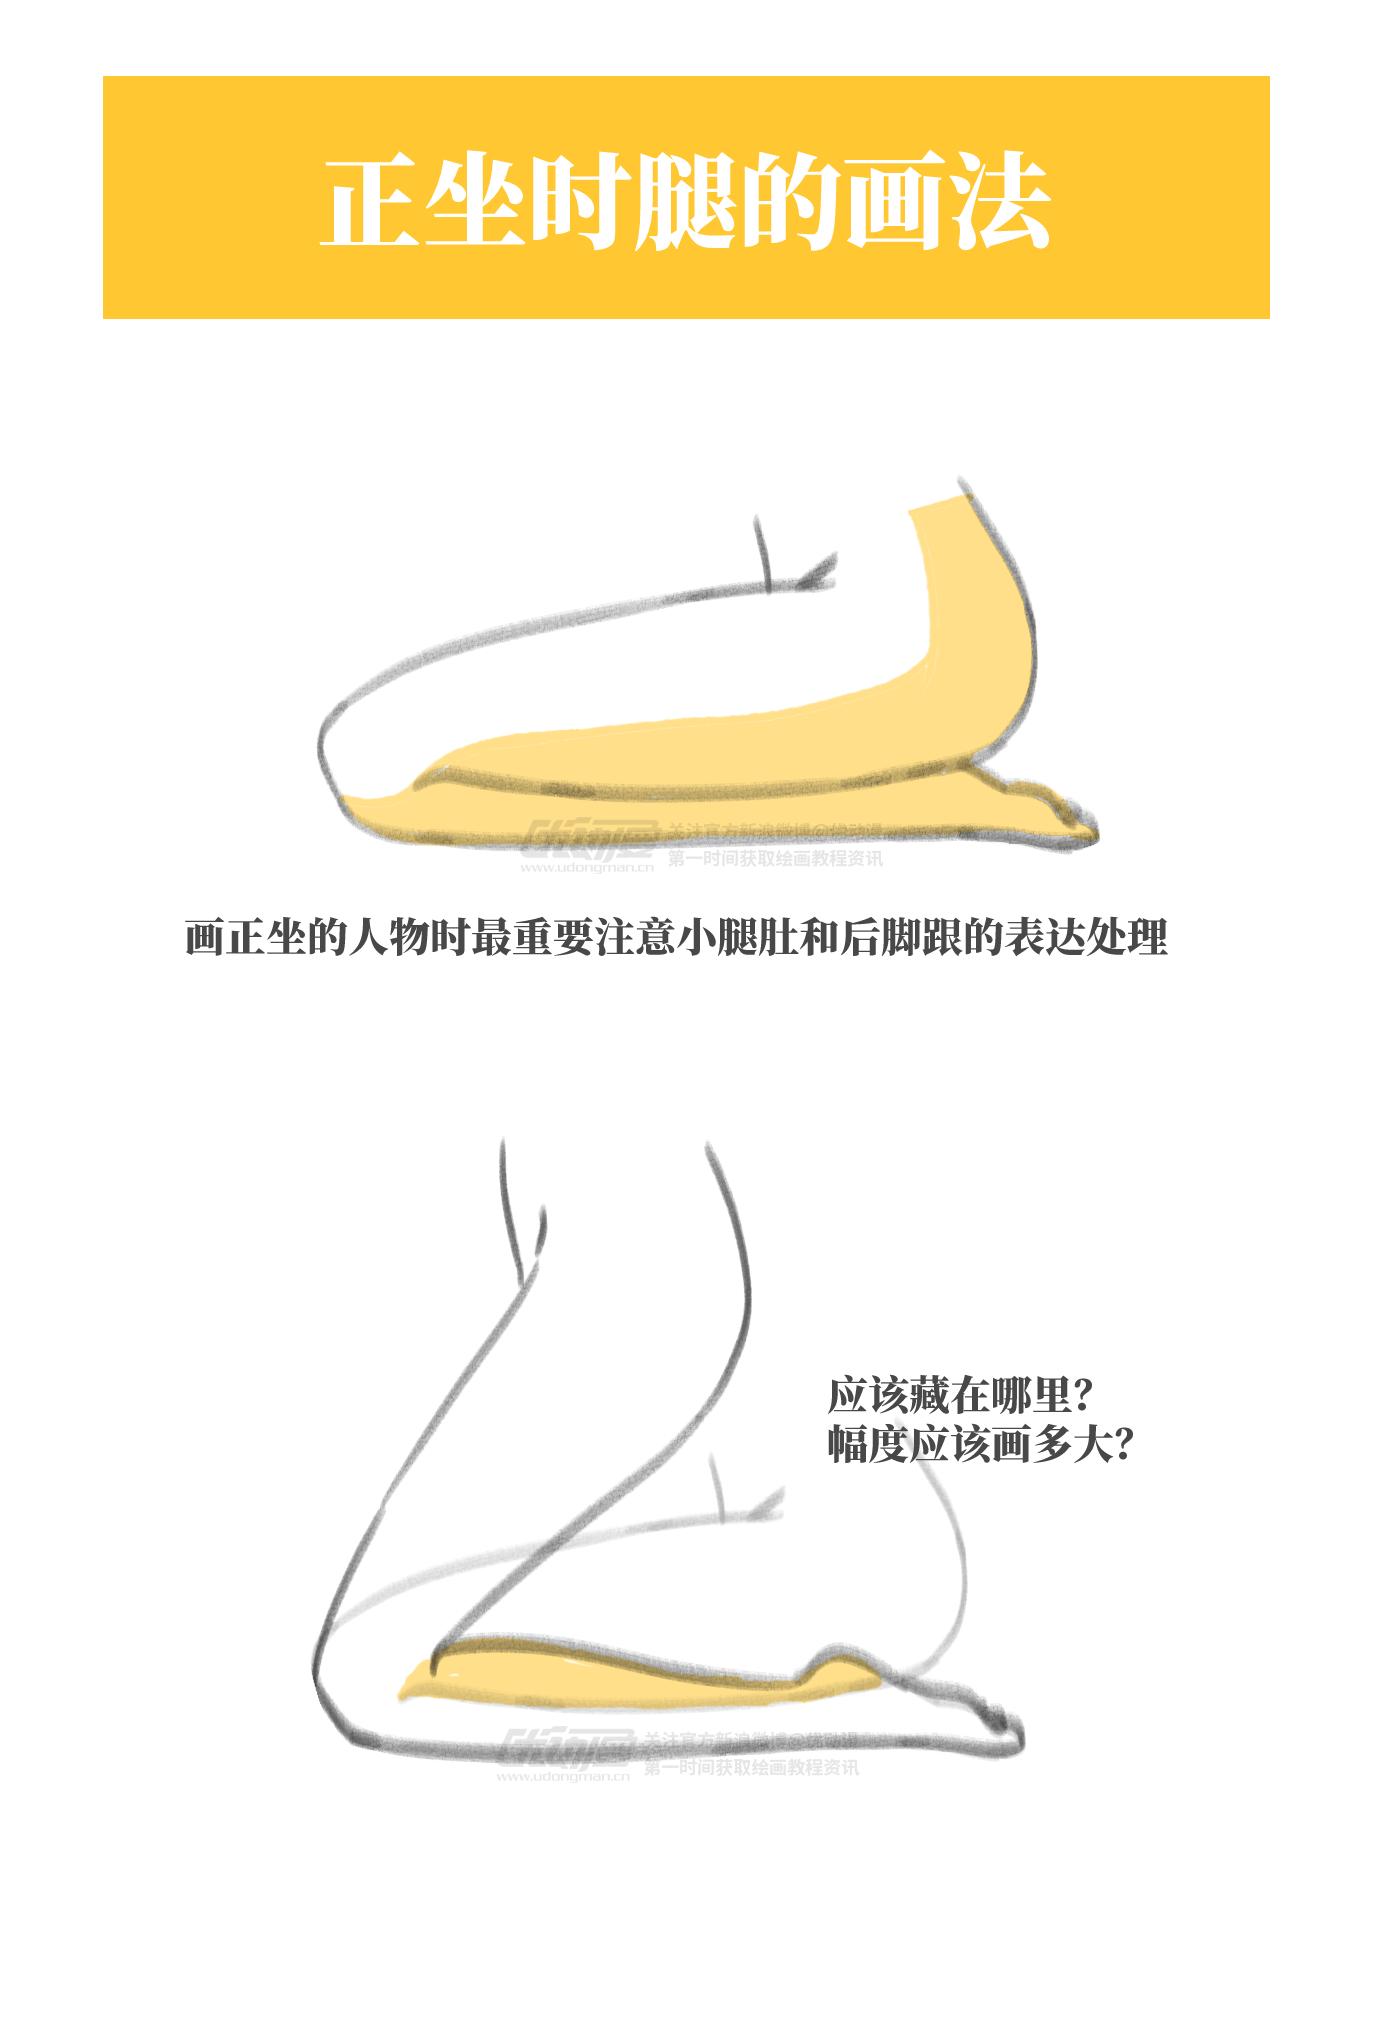 正坐时腿的画法1.png